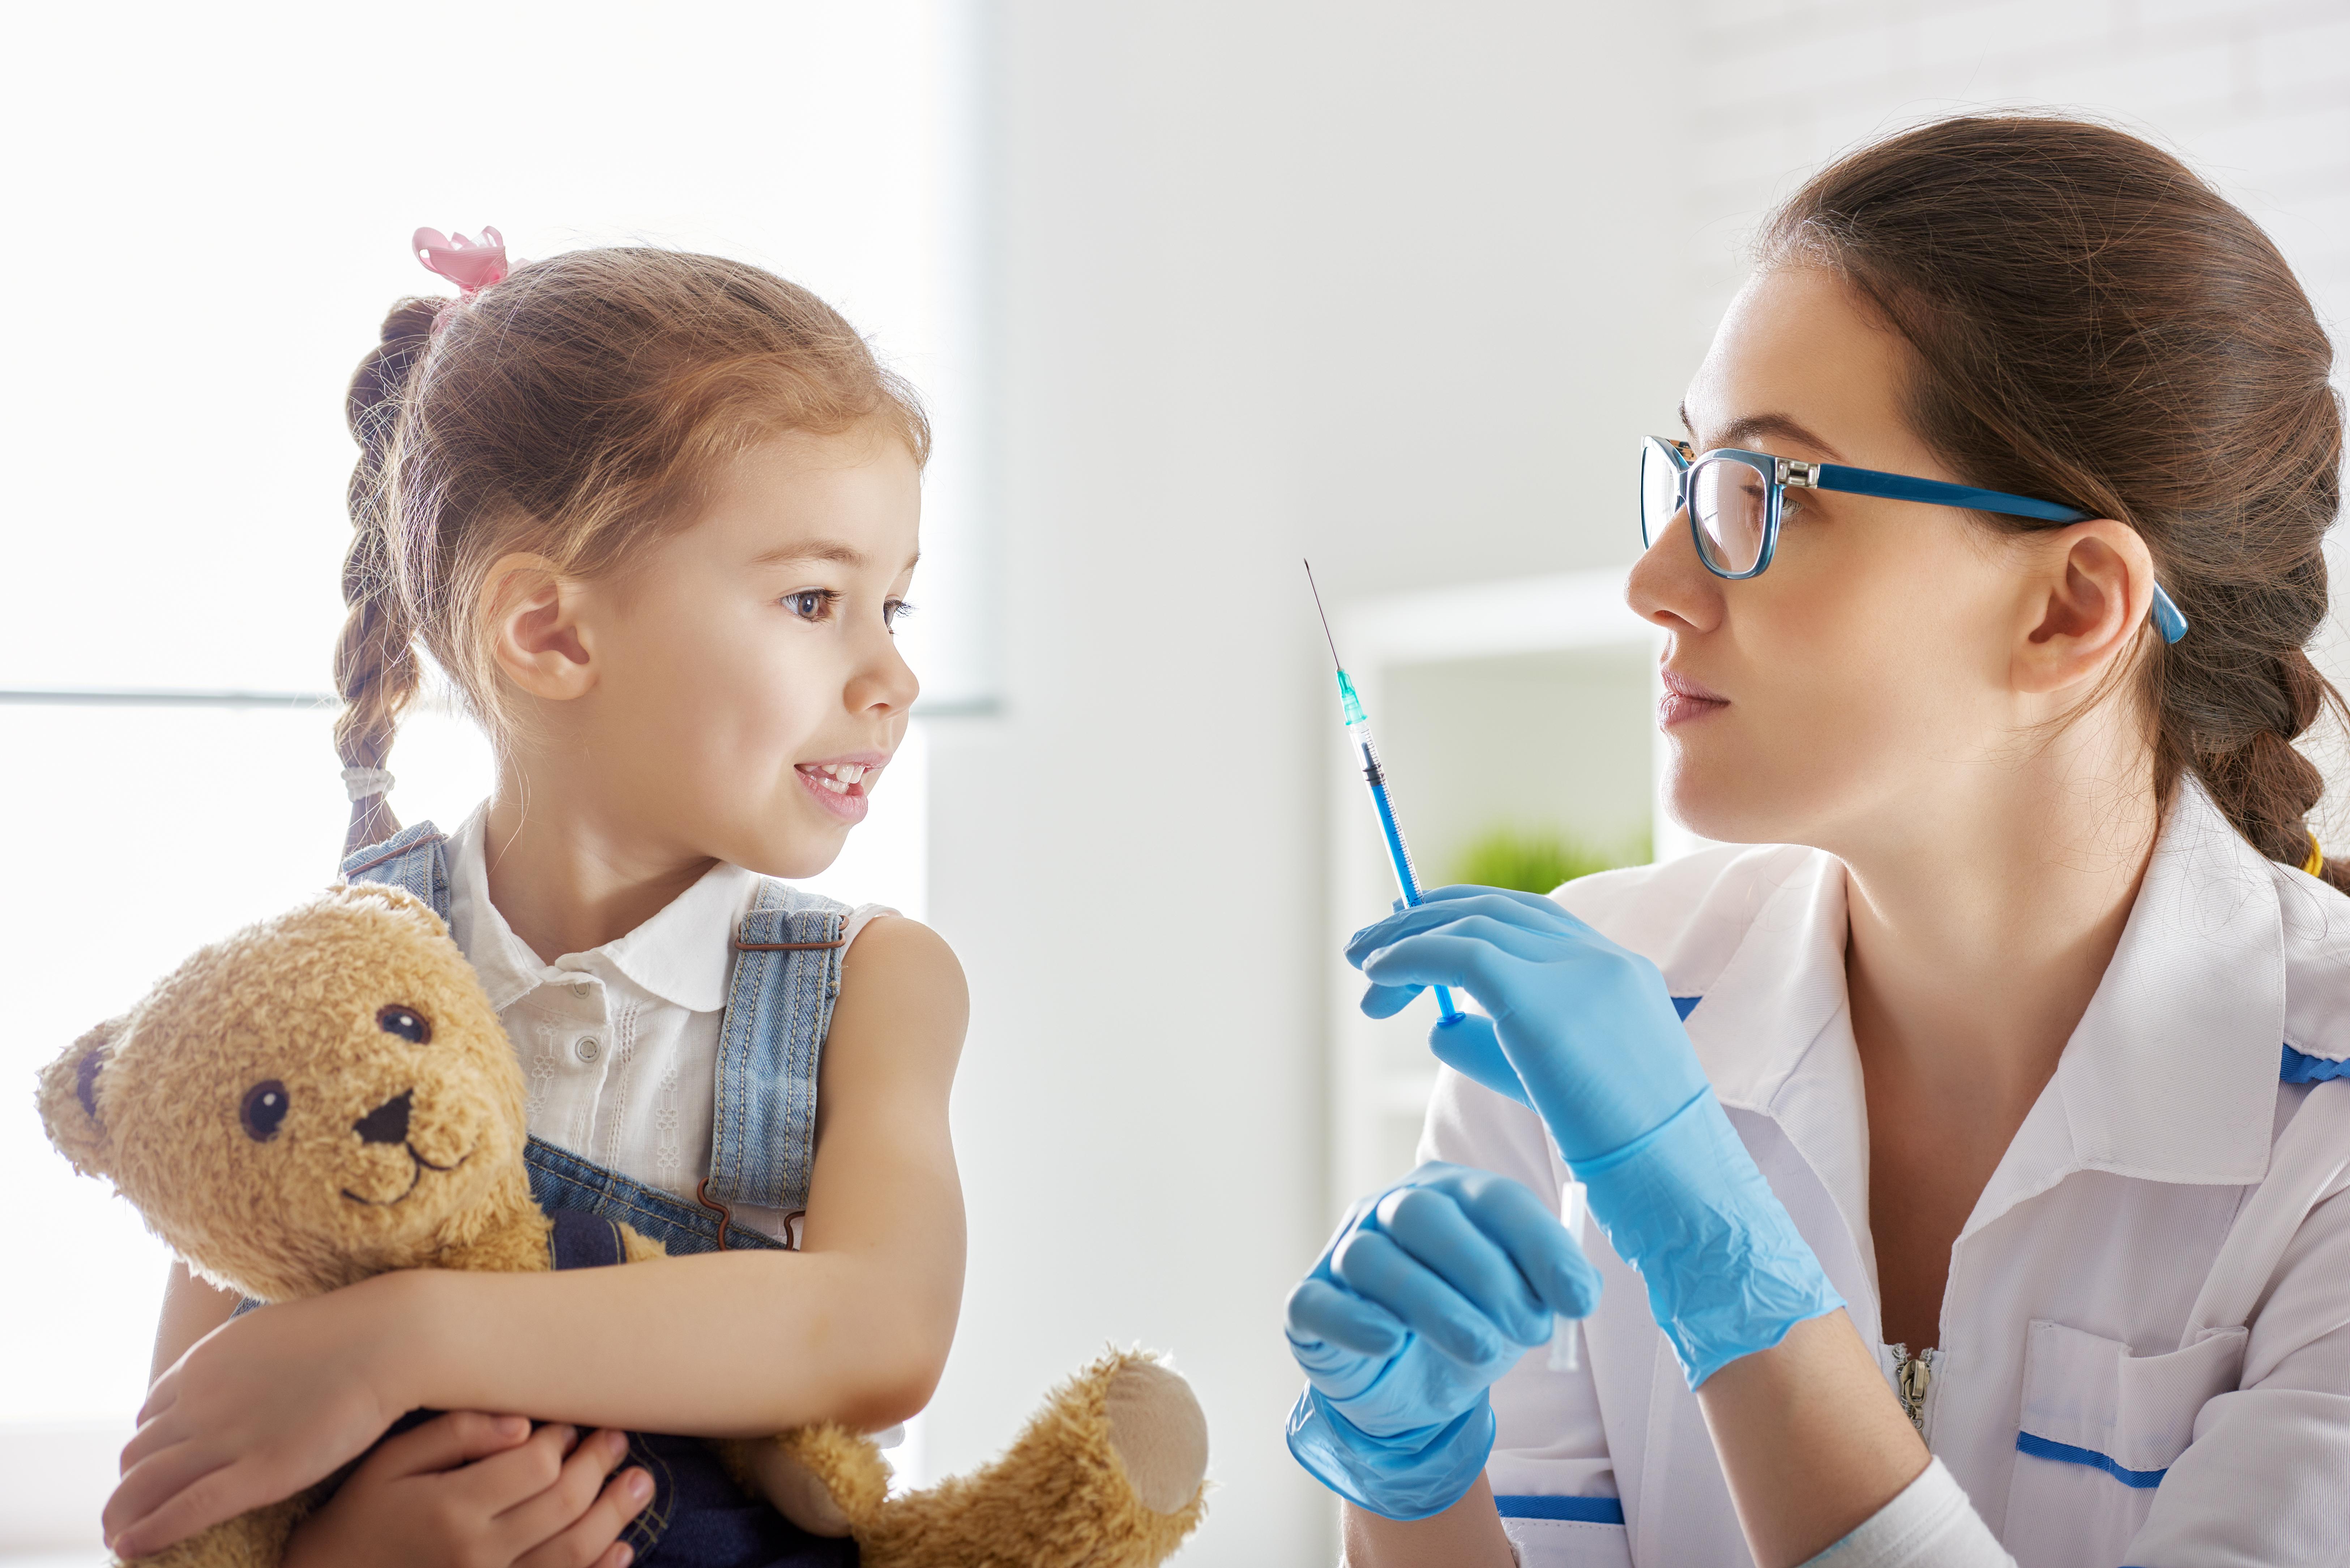 Enligt studier så ger det nya sättet att vaccinera förmodligen ett bättre skydd än spruta, i alla fall på små barn.